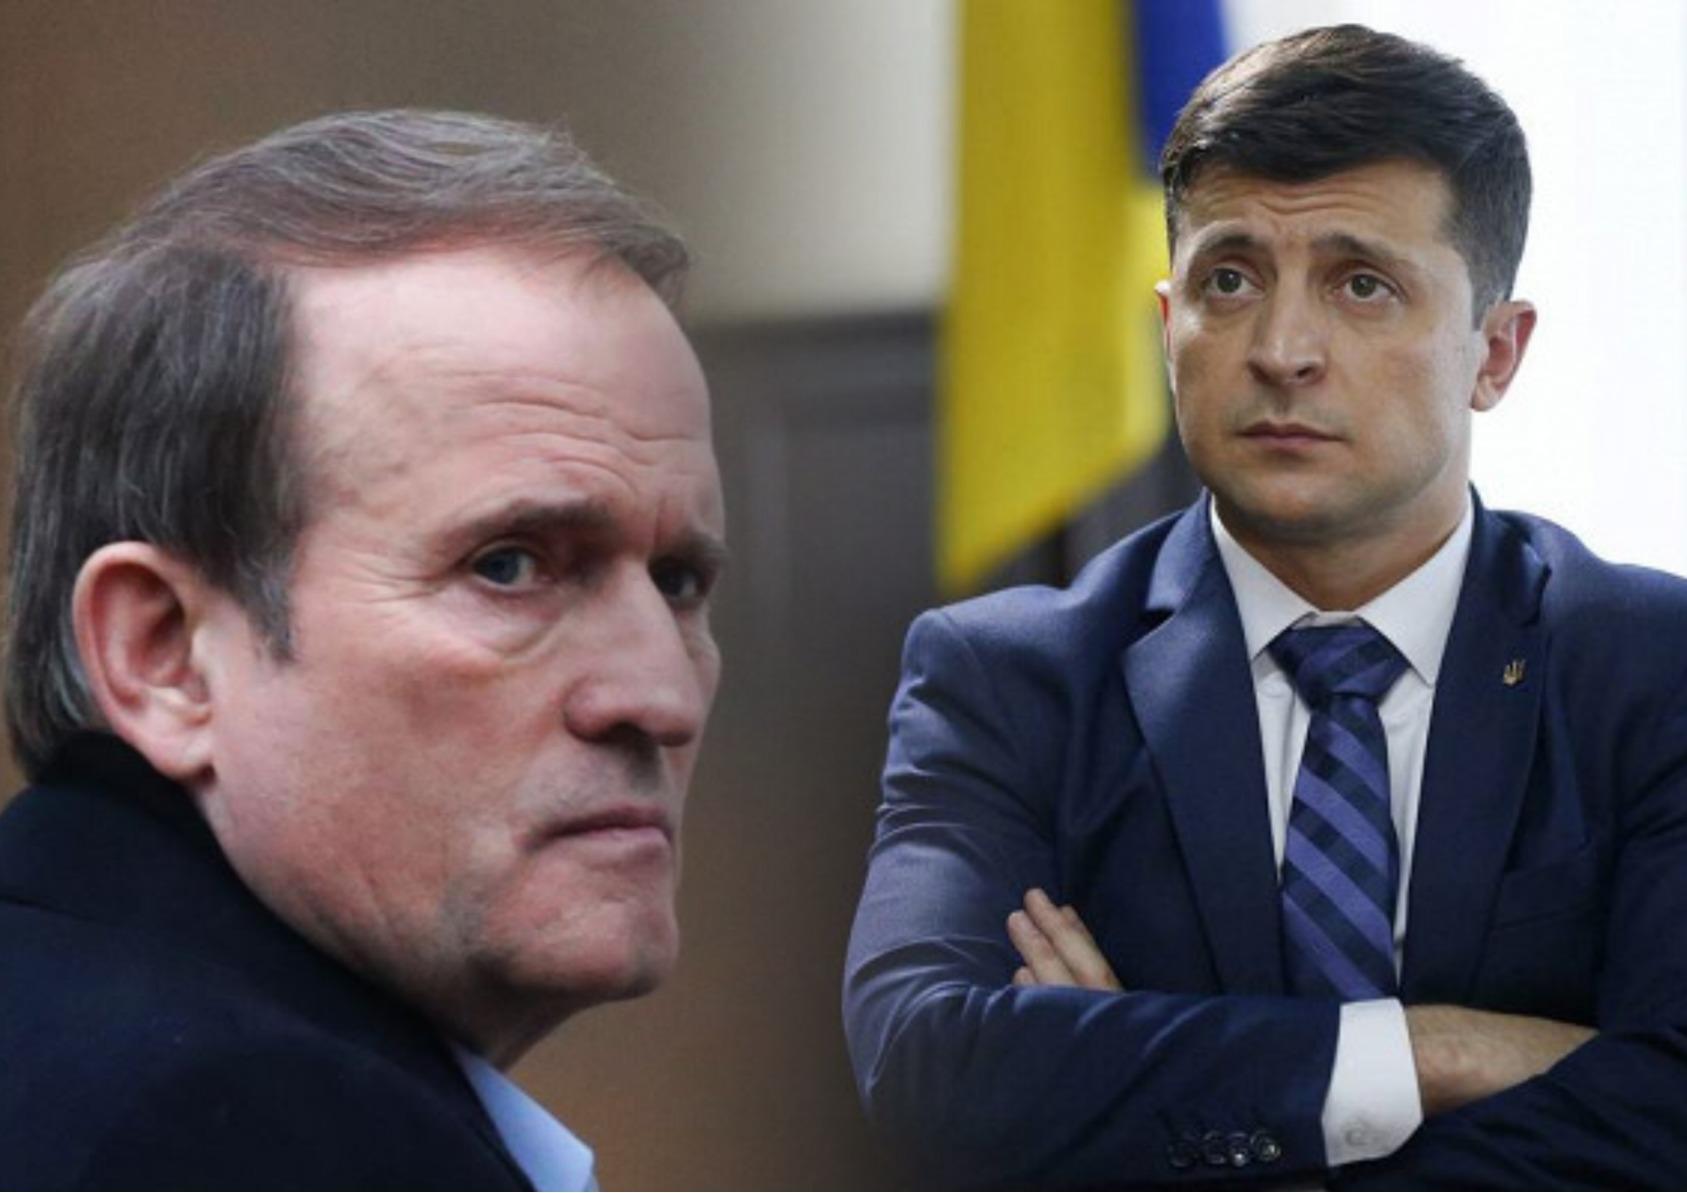 Пророссийский украинский политик дал вызов Зеленскому